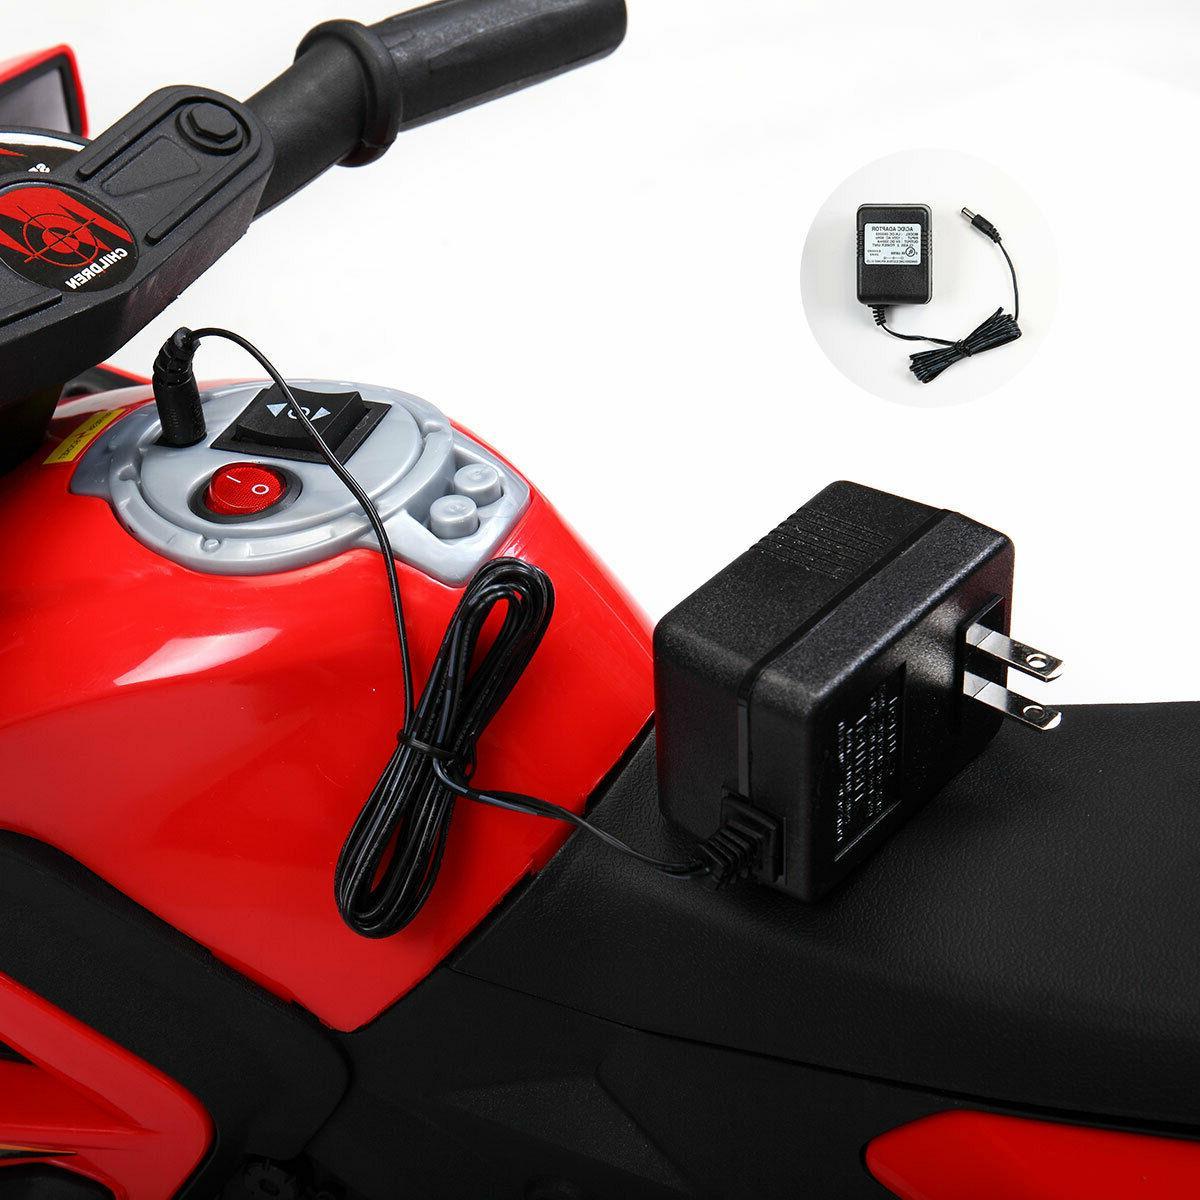 6V Electric Car w/ Wheels Red